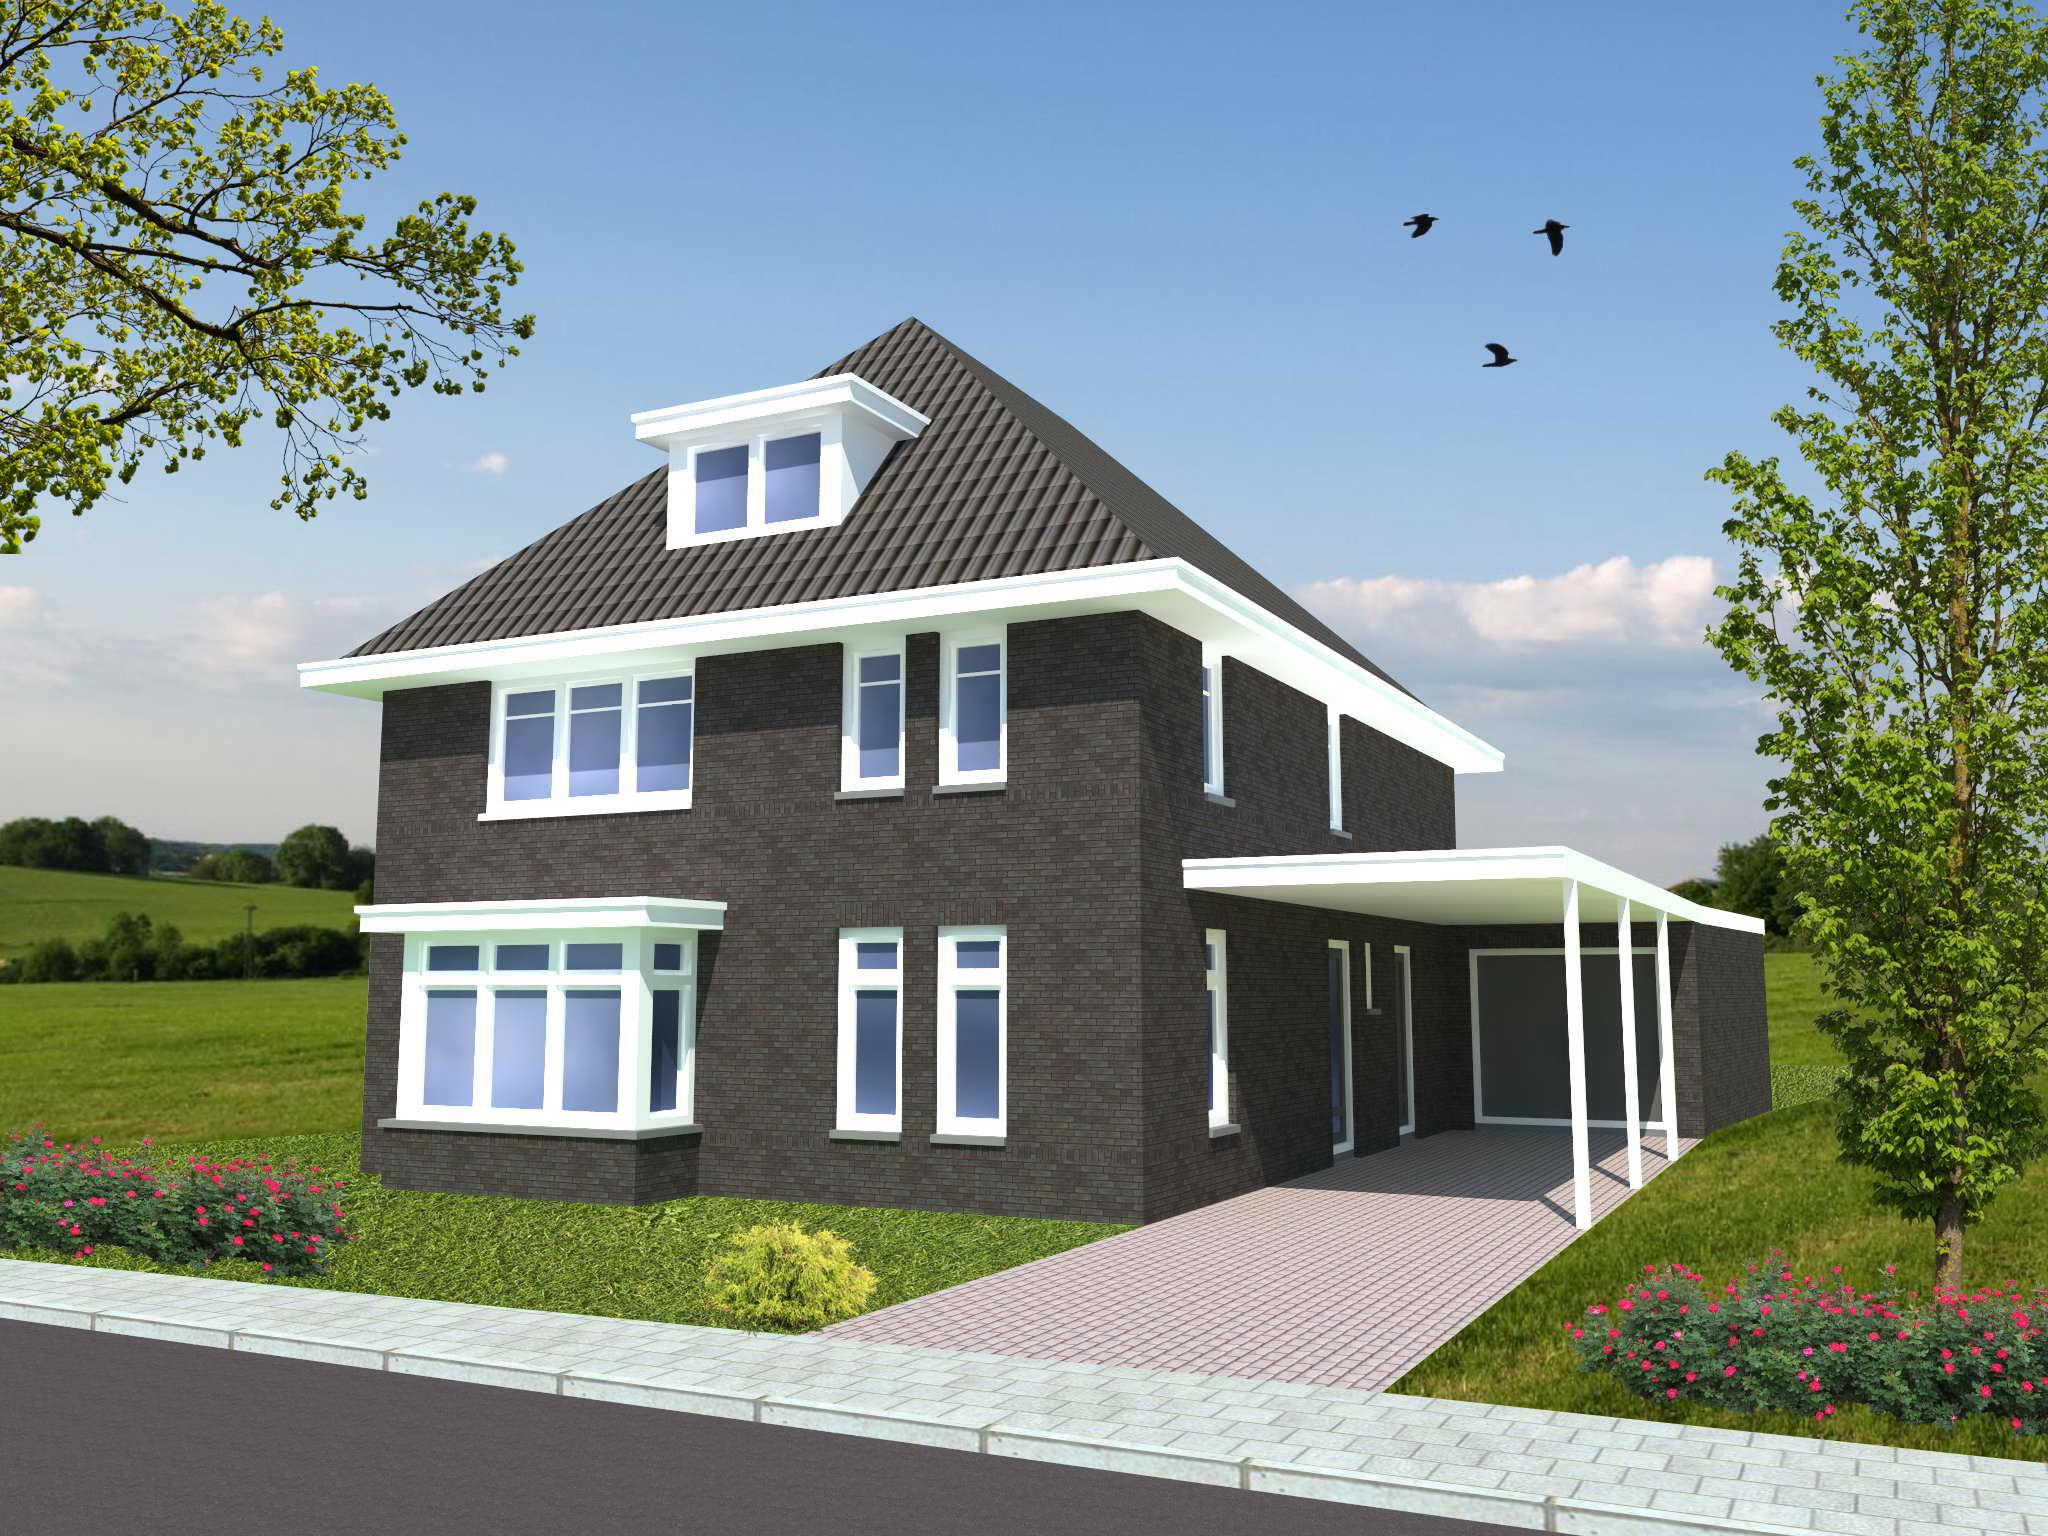 Nieuwbouw vrijstaande woning te oostrum for Prijzen nieuwbouw vrijstaande woning